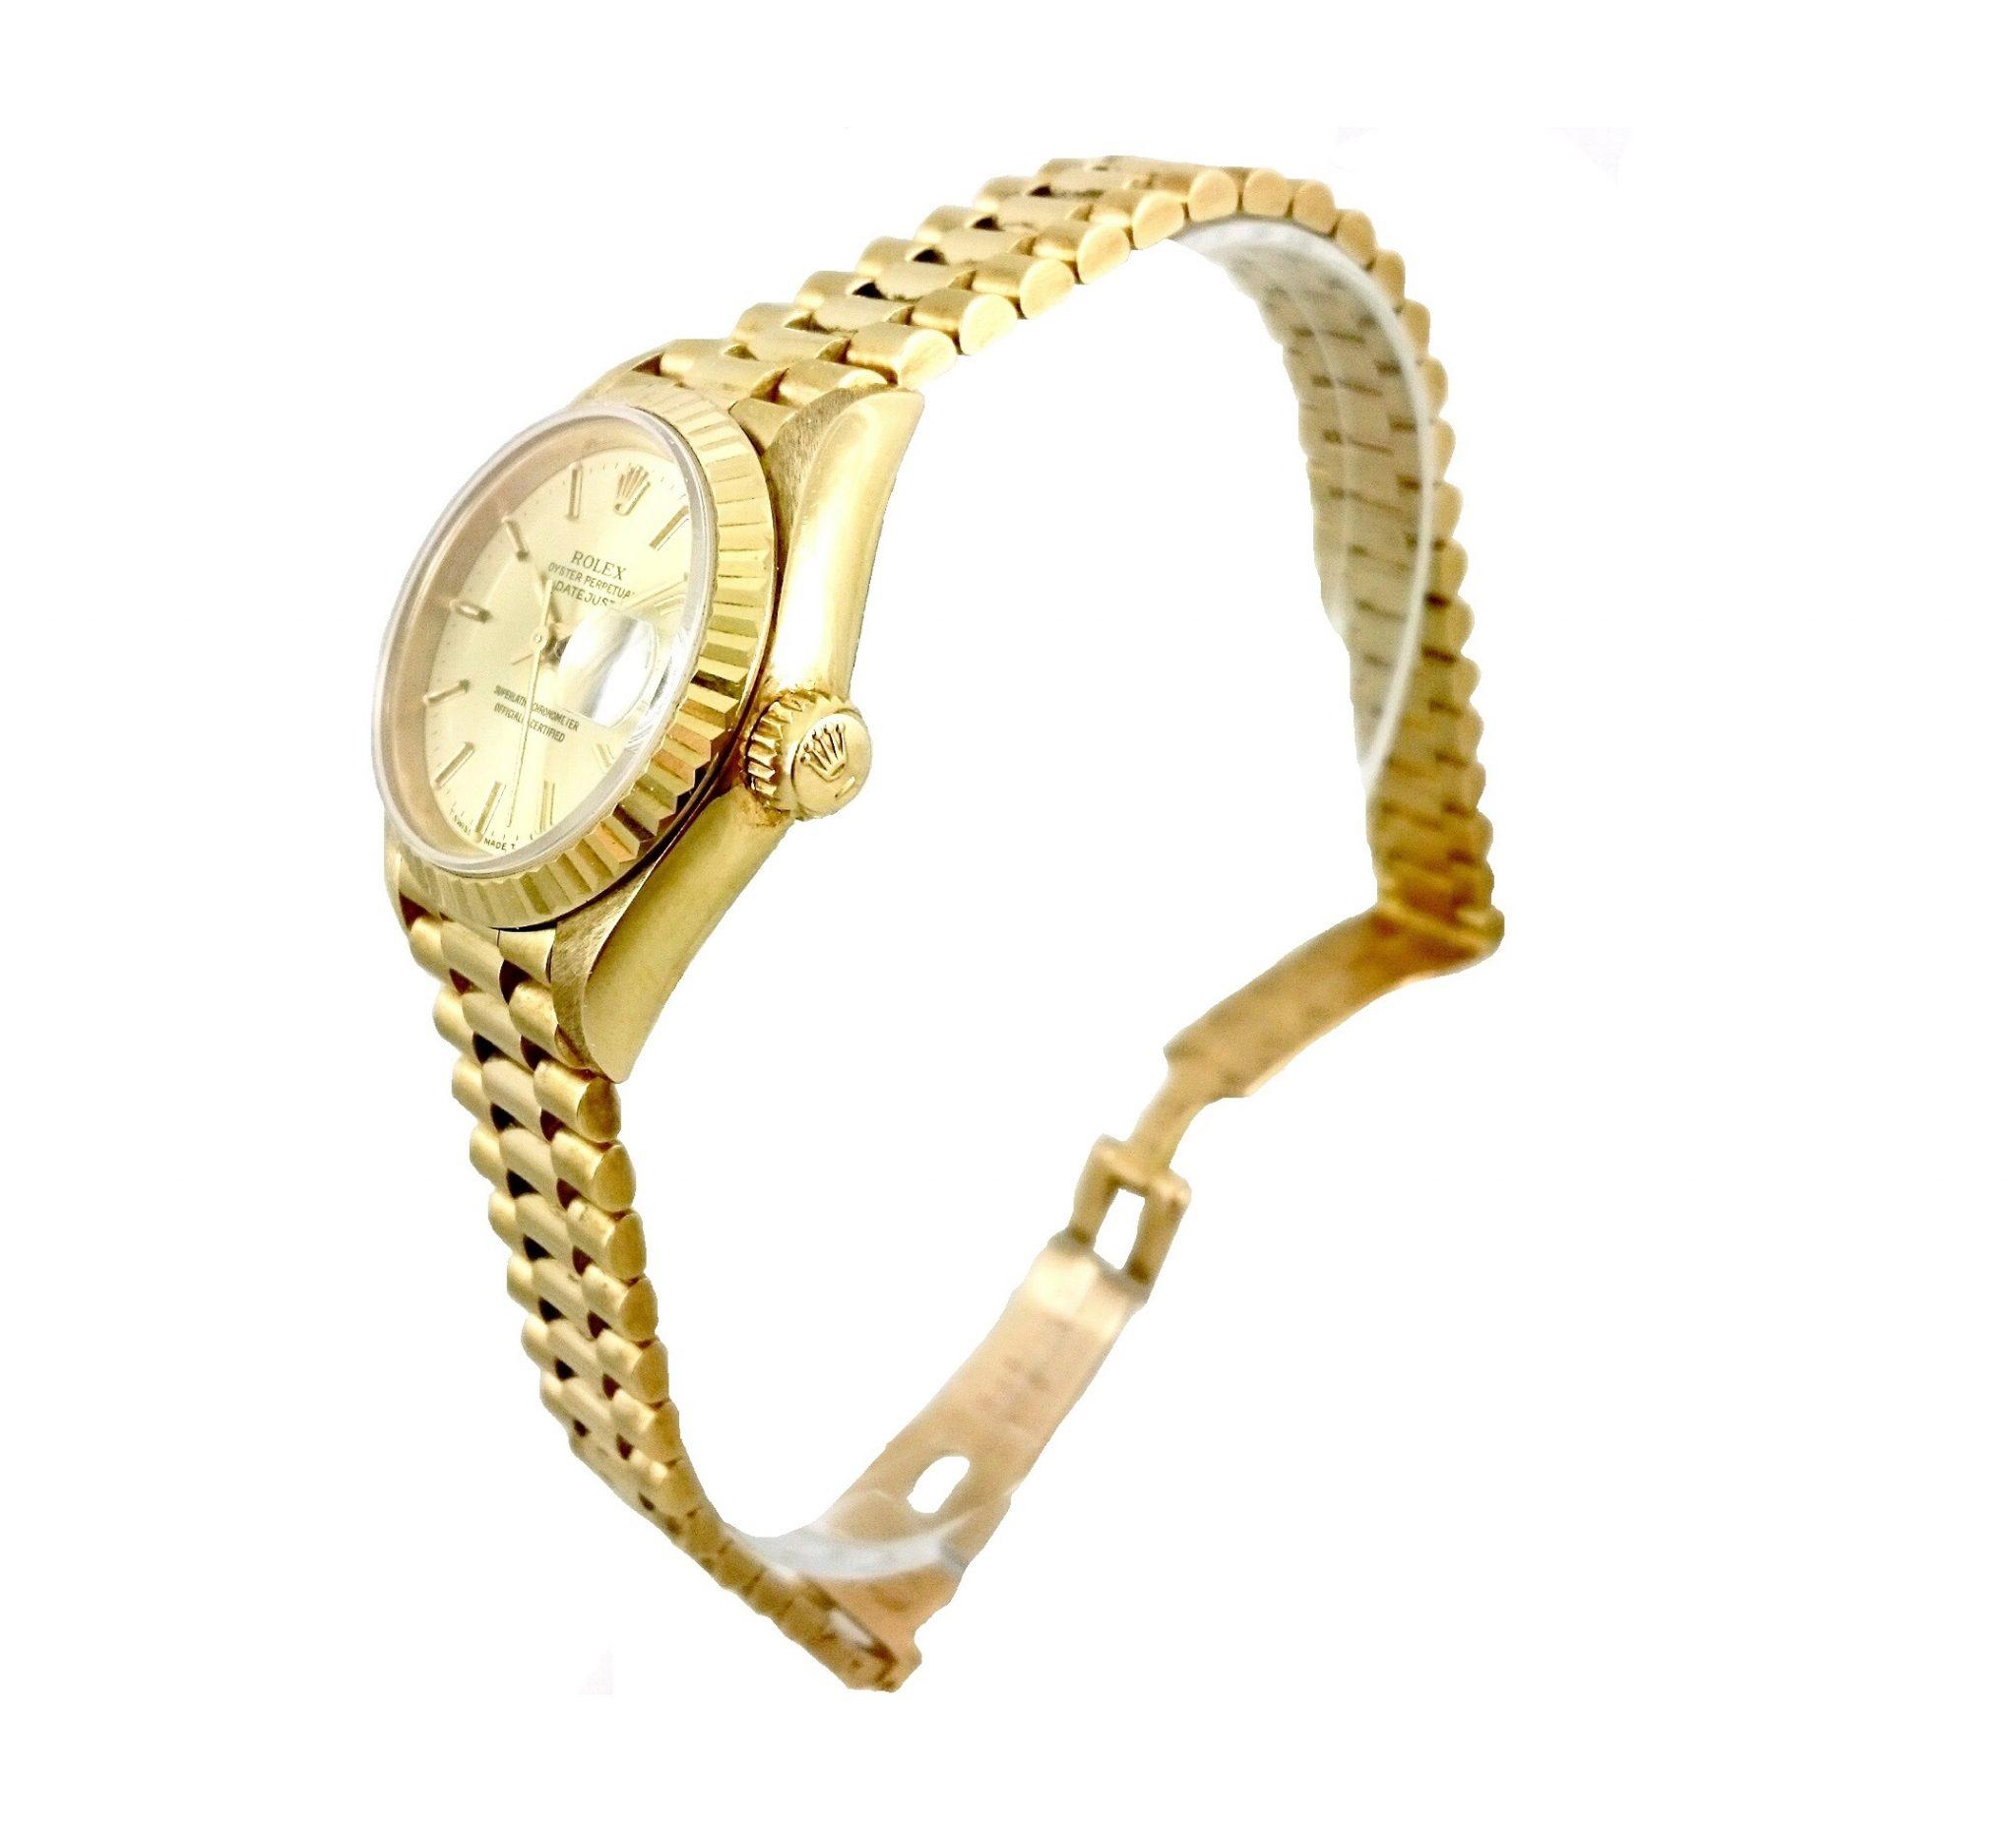 Molto Orologio Rolex Datejust Donna In Oro 18kt Con Scatola Originale MH15